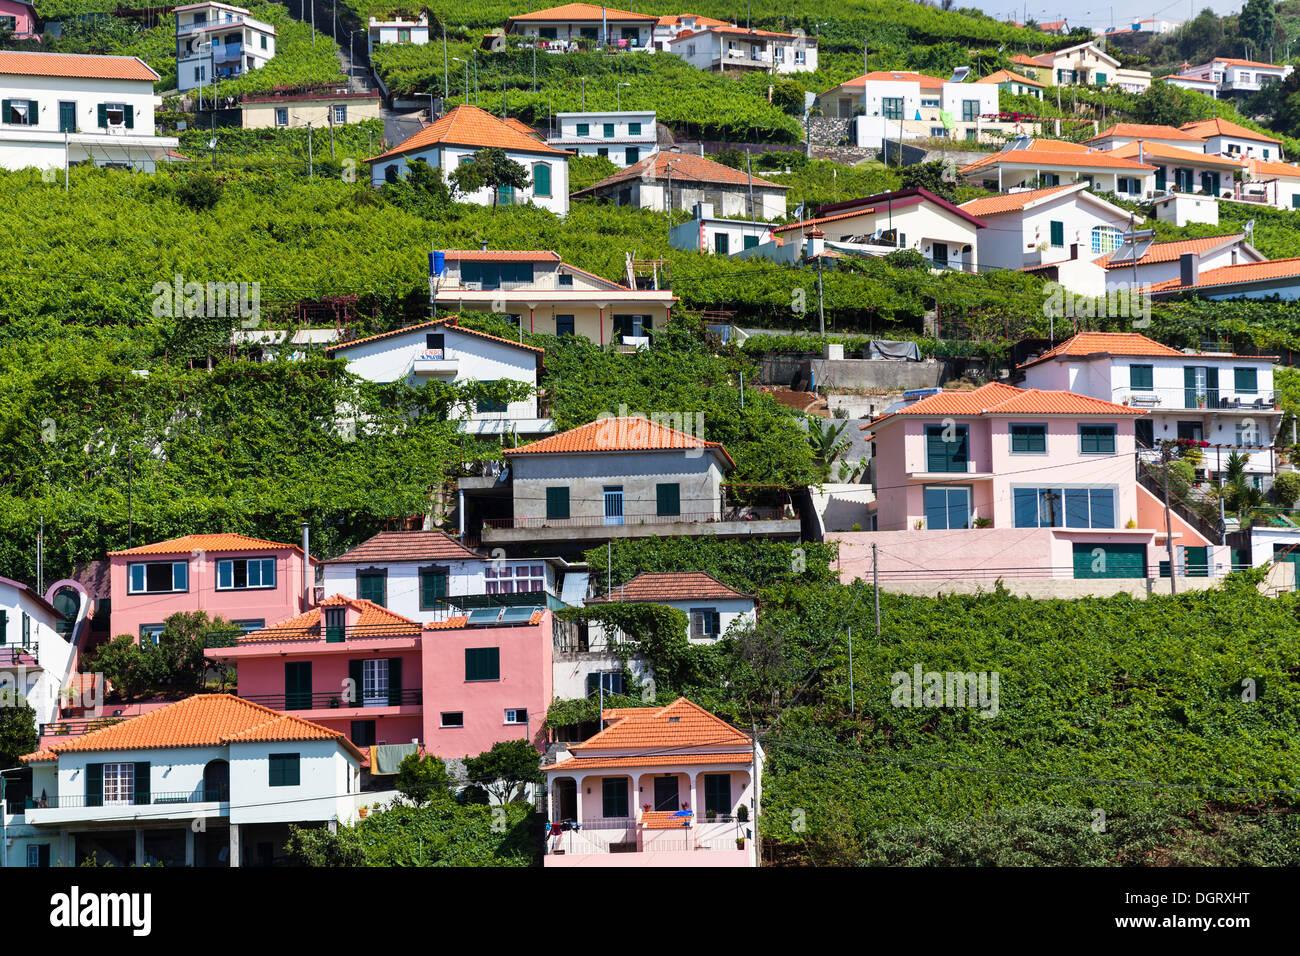 Les maisons colorées de Câmara de Lobos, Funchal, Estreito de Câmara de Lobos, Ilha da Madeira, Portugal Banque D'Images